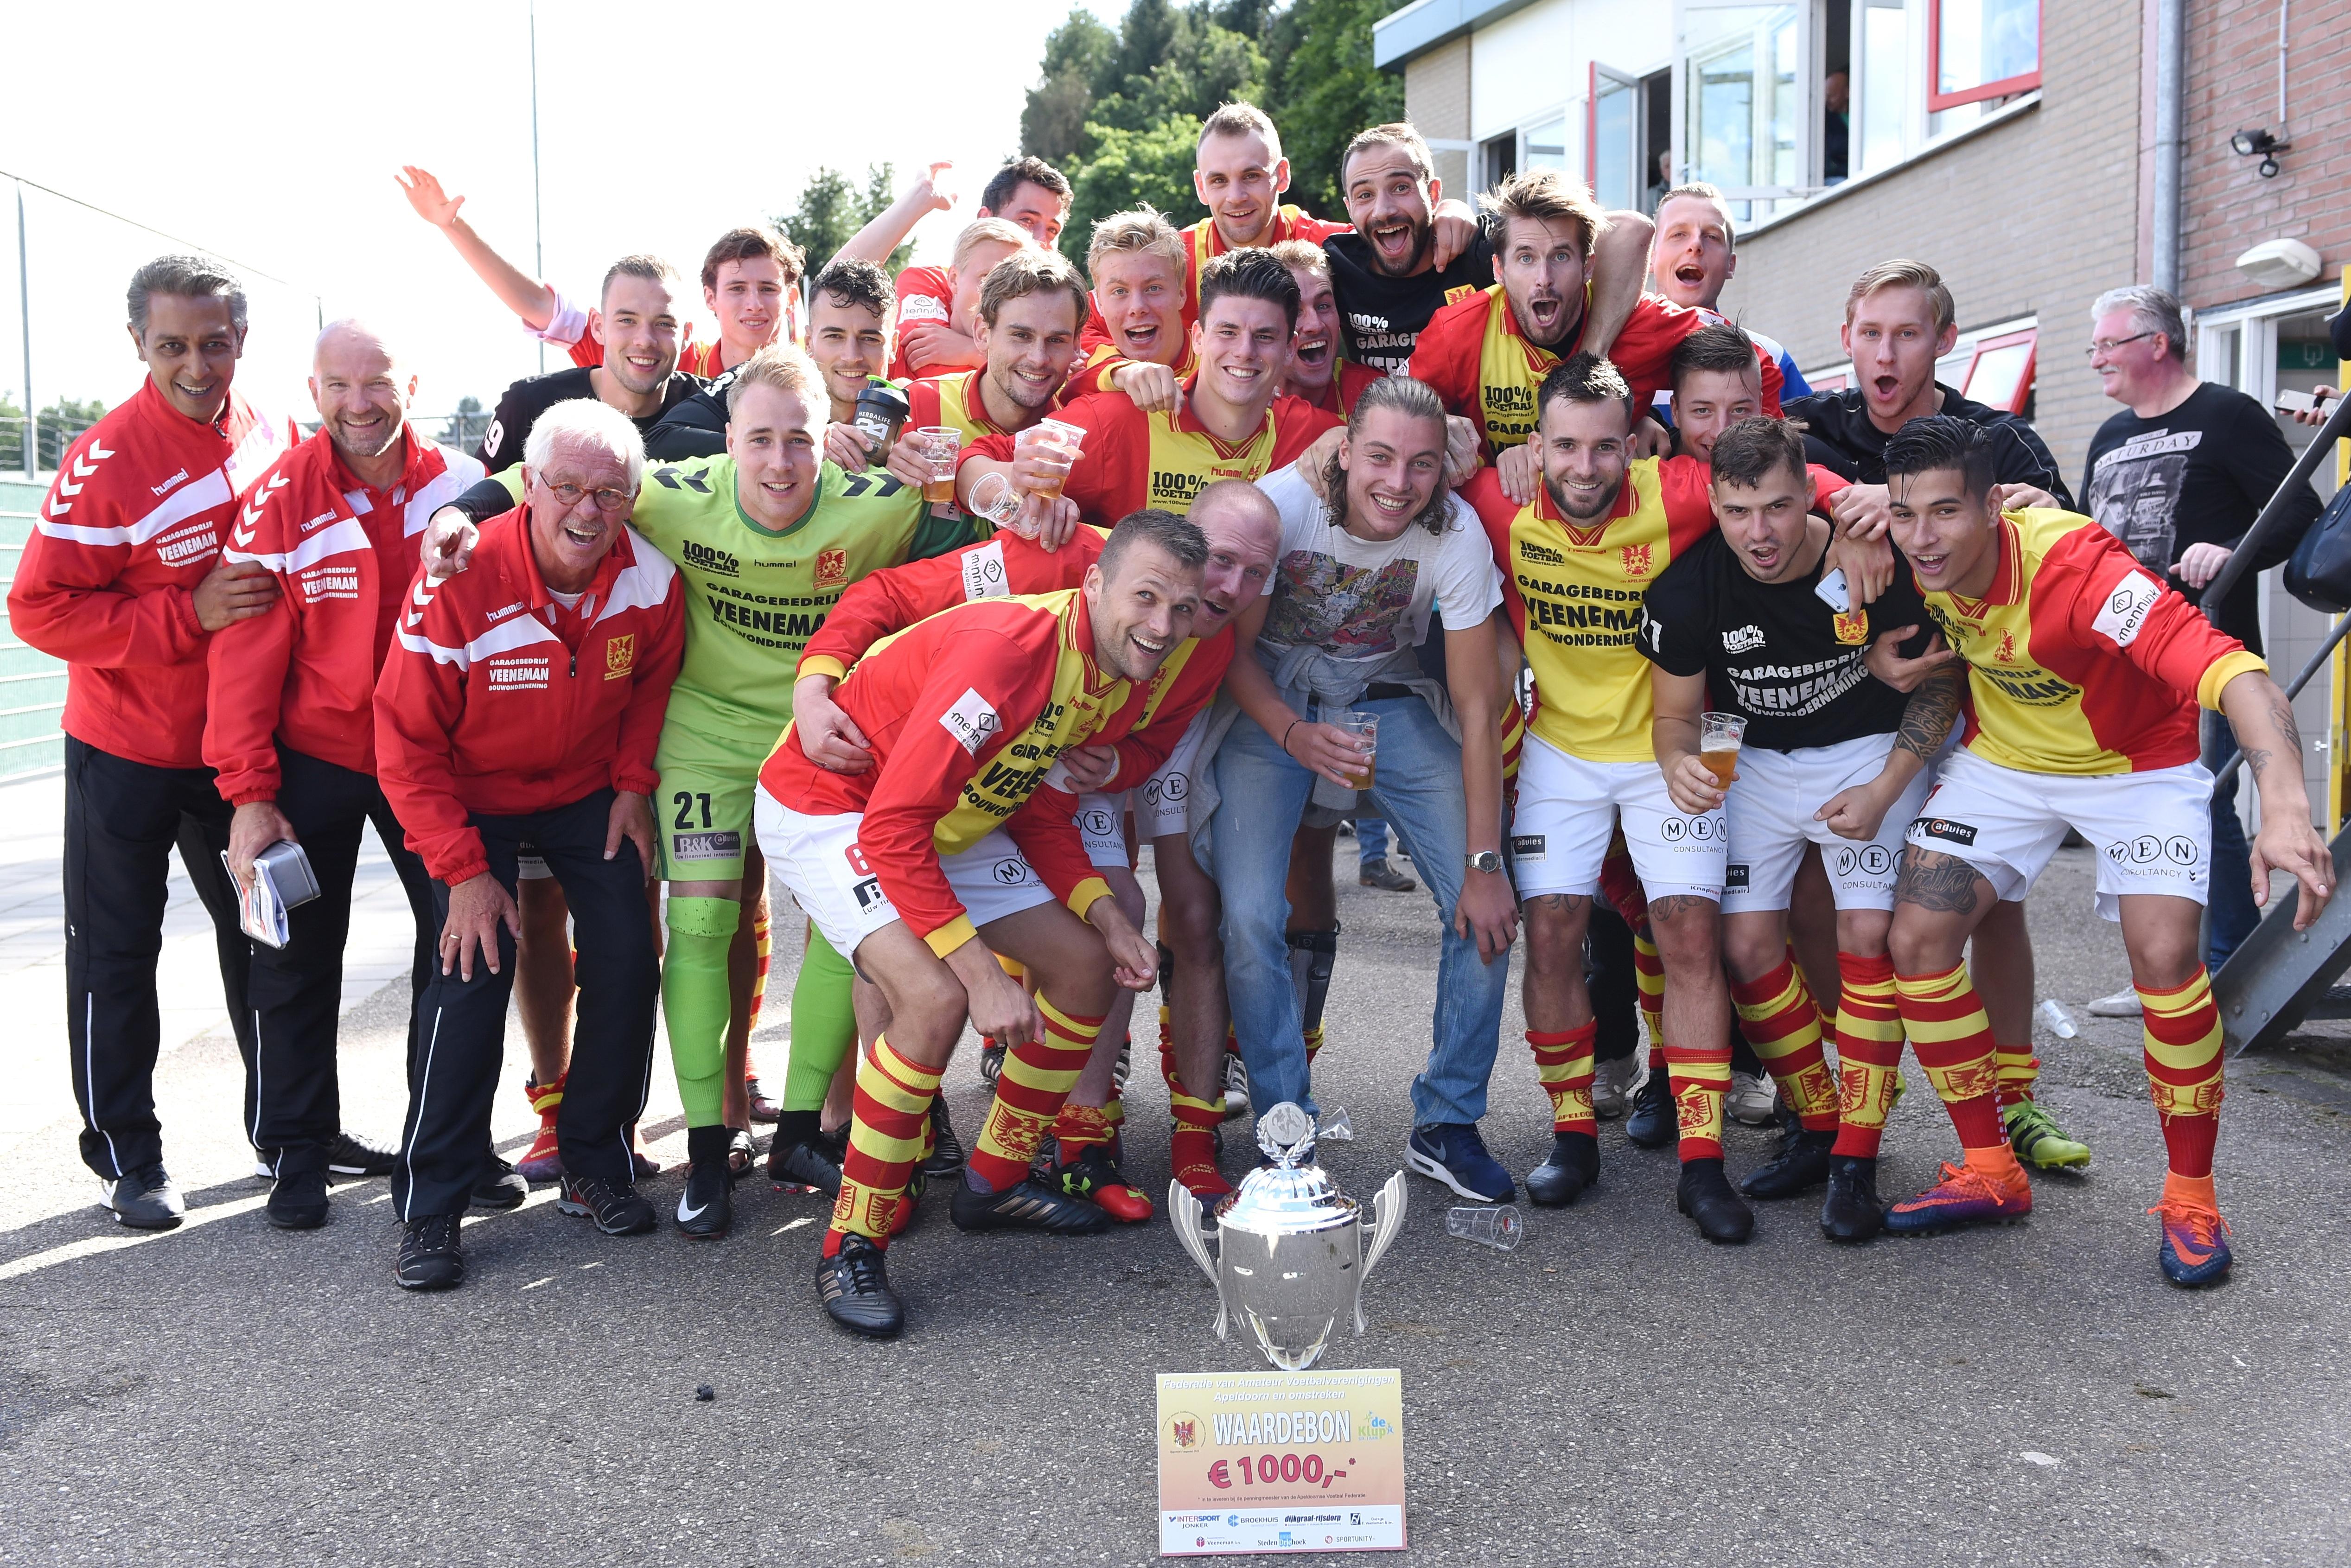 Nieuwe opzet toernooi om Apeldoorn Cup is een succesformule